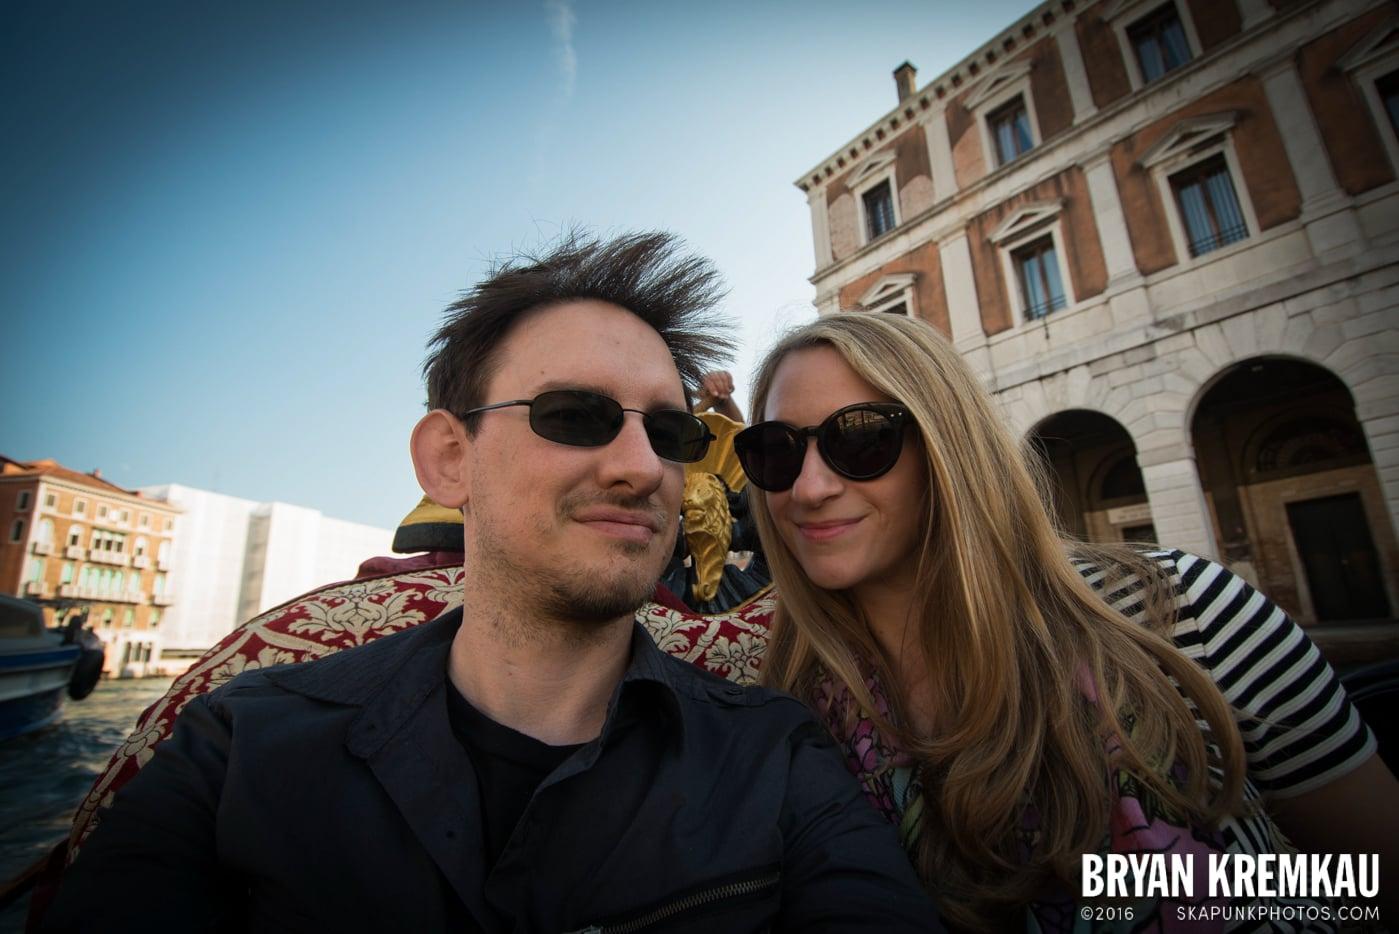 Italy Vacation - Day 5: Venice - 9.13.13 (28)